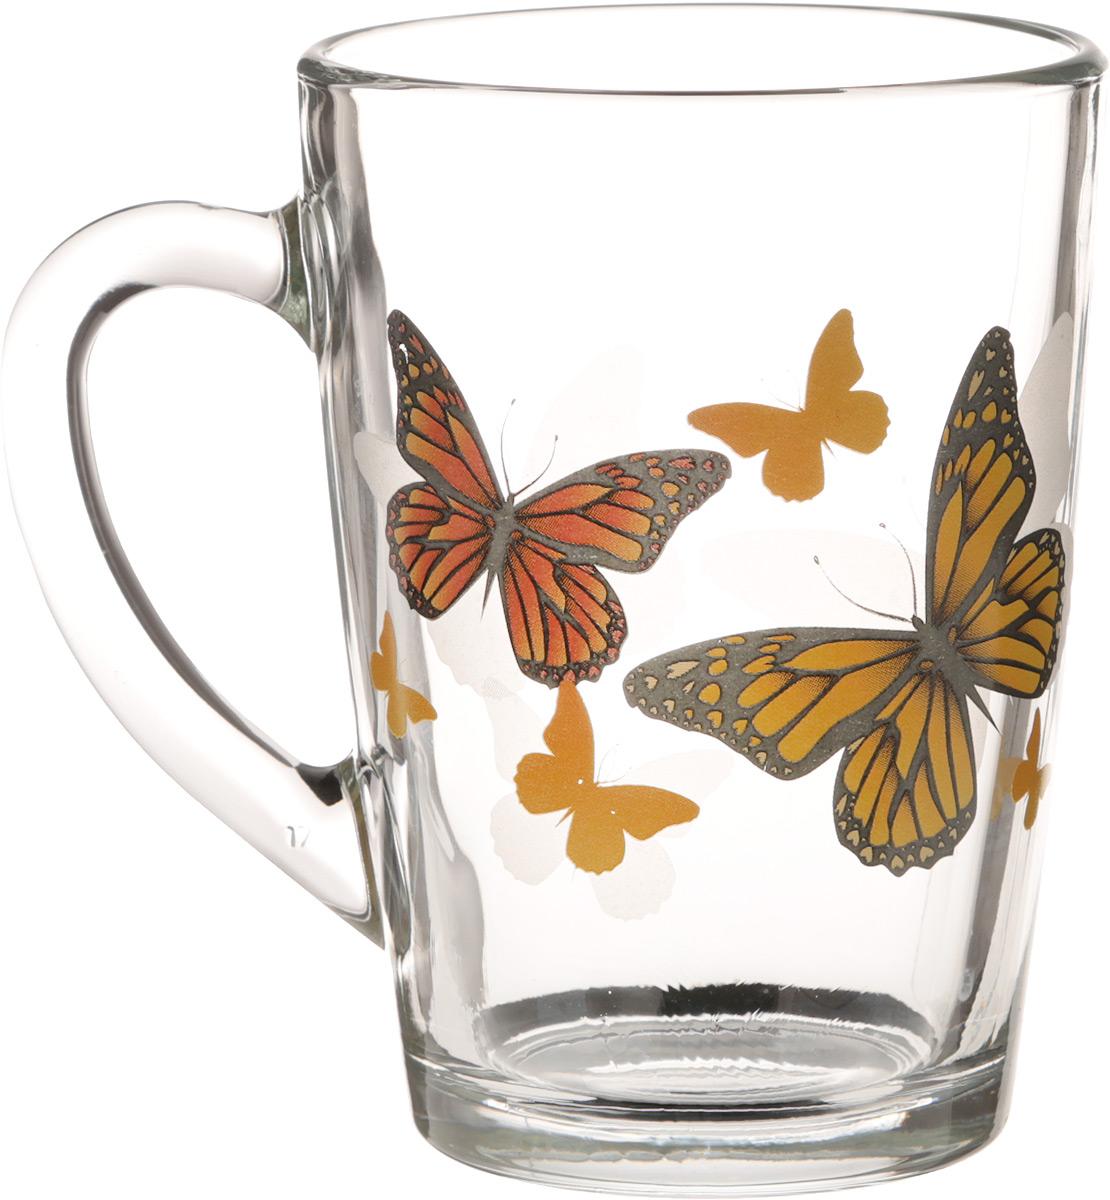 Кружка OSZ Капучино. Желтые бабочки, 300 мл54 009312Кружка OSZ Капучино. Желтые бабочки изготовлена из стекла и декорирована принтом.Диаметр (по верхнему краю): 7,5 см. Высота: 11 см.